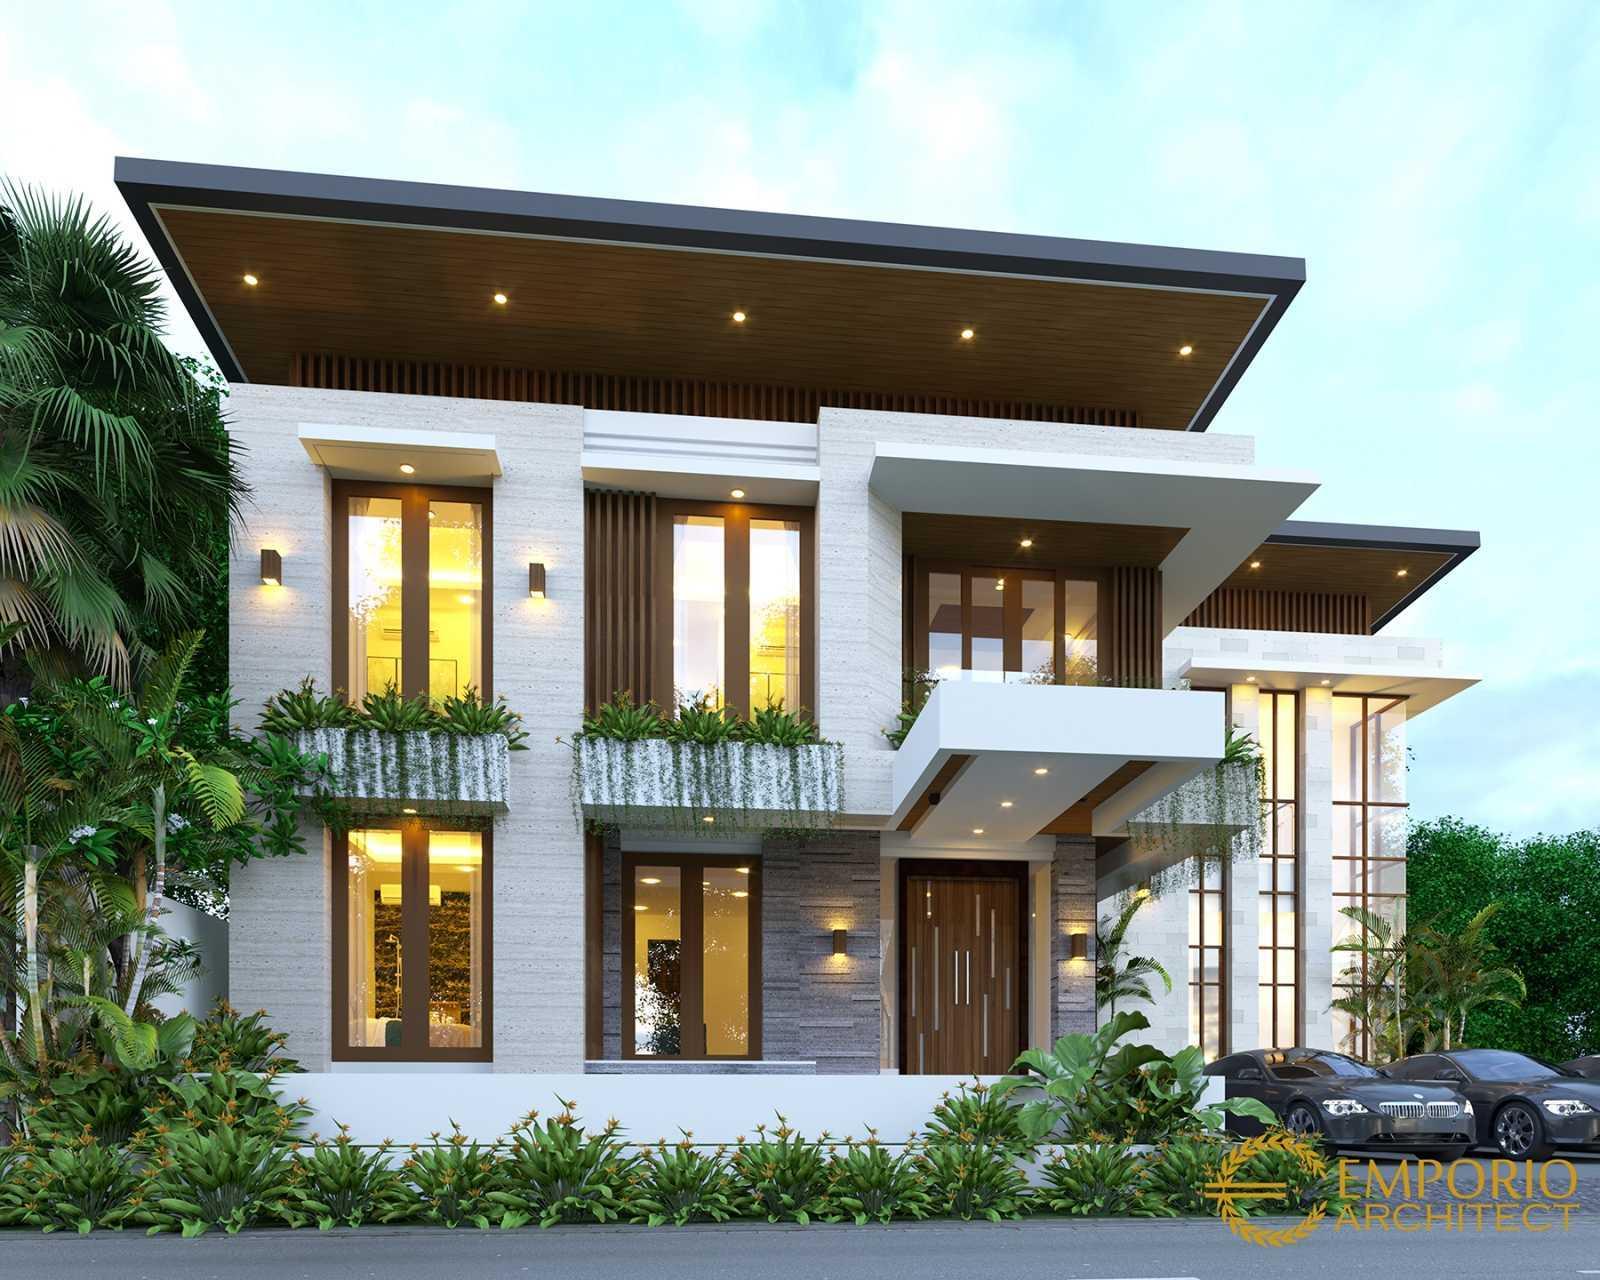 Emporio Architect Desain Kost Modern Tropis 537 @ Palembang Palembang, Kota Palembang, Sumatera Selatan, Indonesia Palembang, Kota Palembang, Sumatera Selatan, Indonesia Emporio-Architect-Desain-Kost-Modern-Tropis-537-Palembang  78158